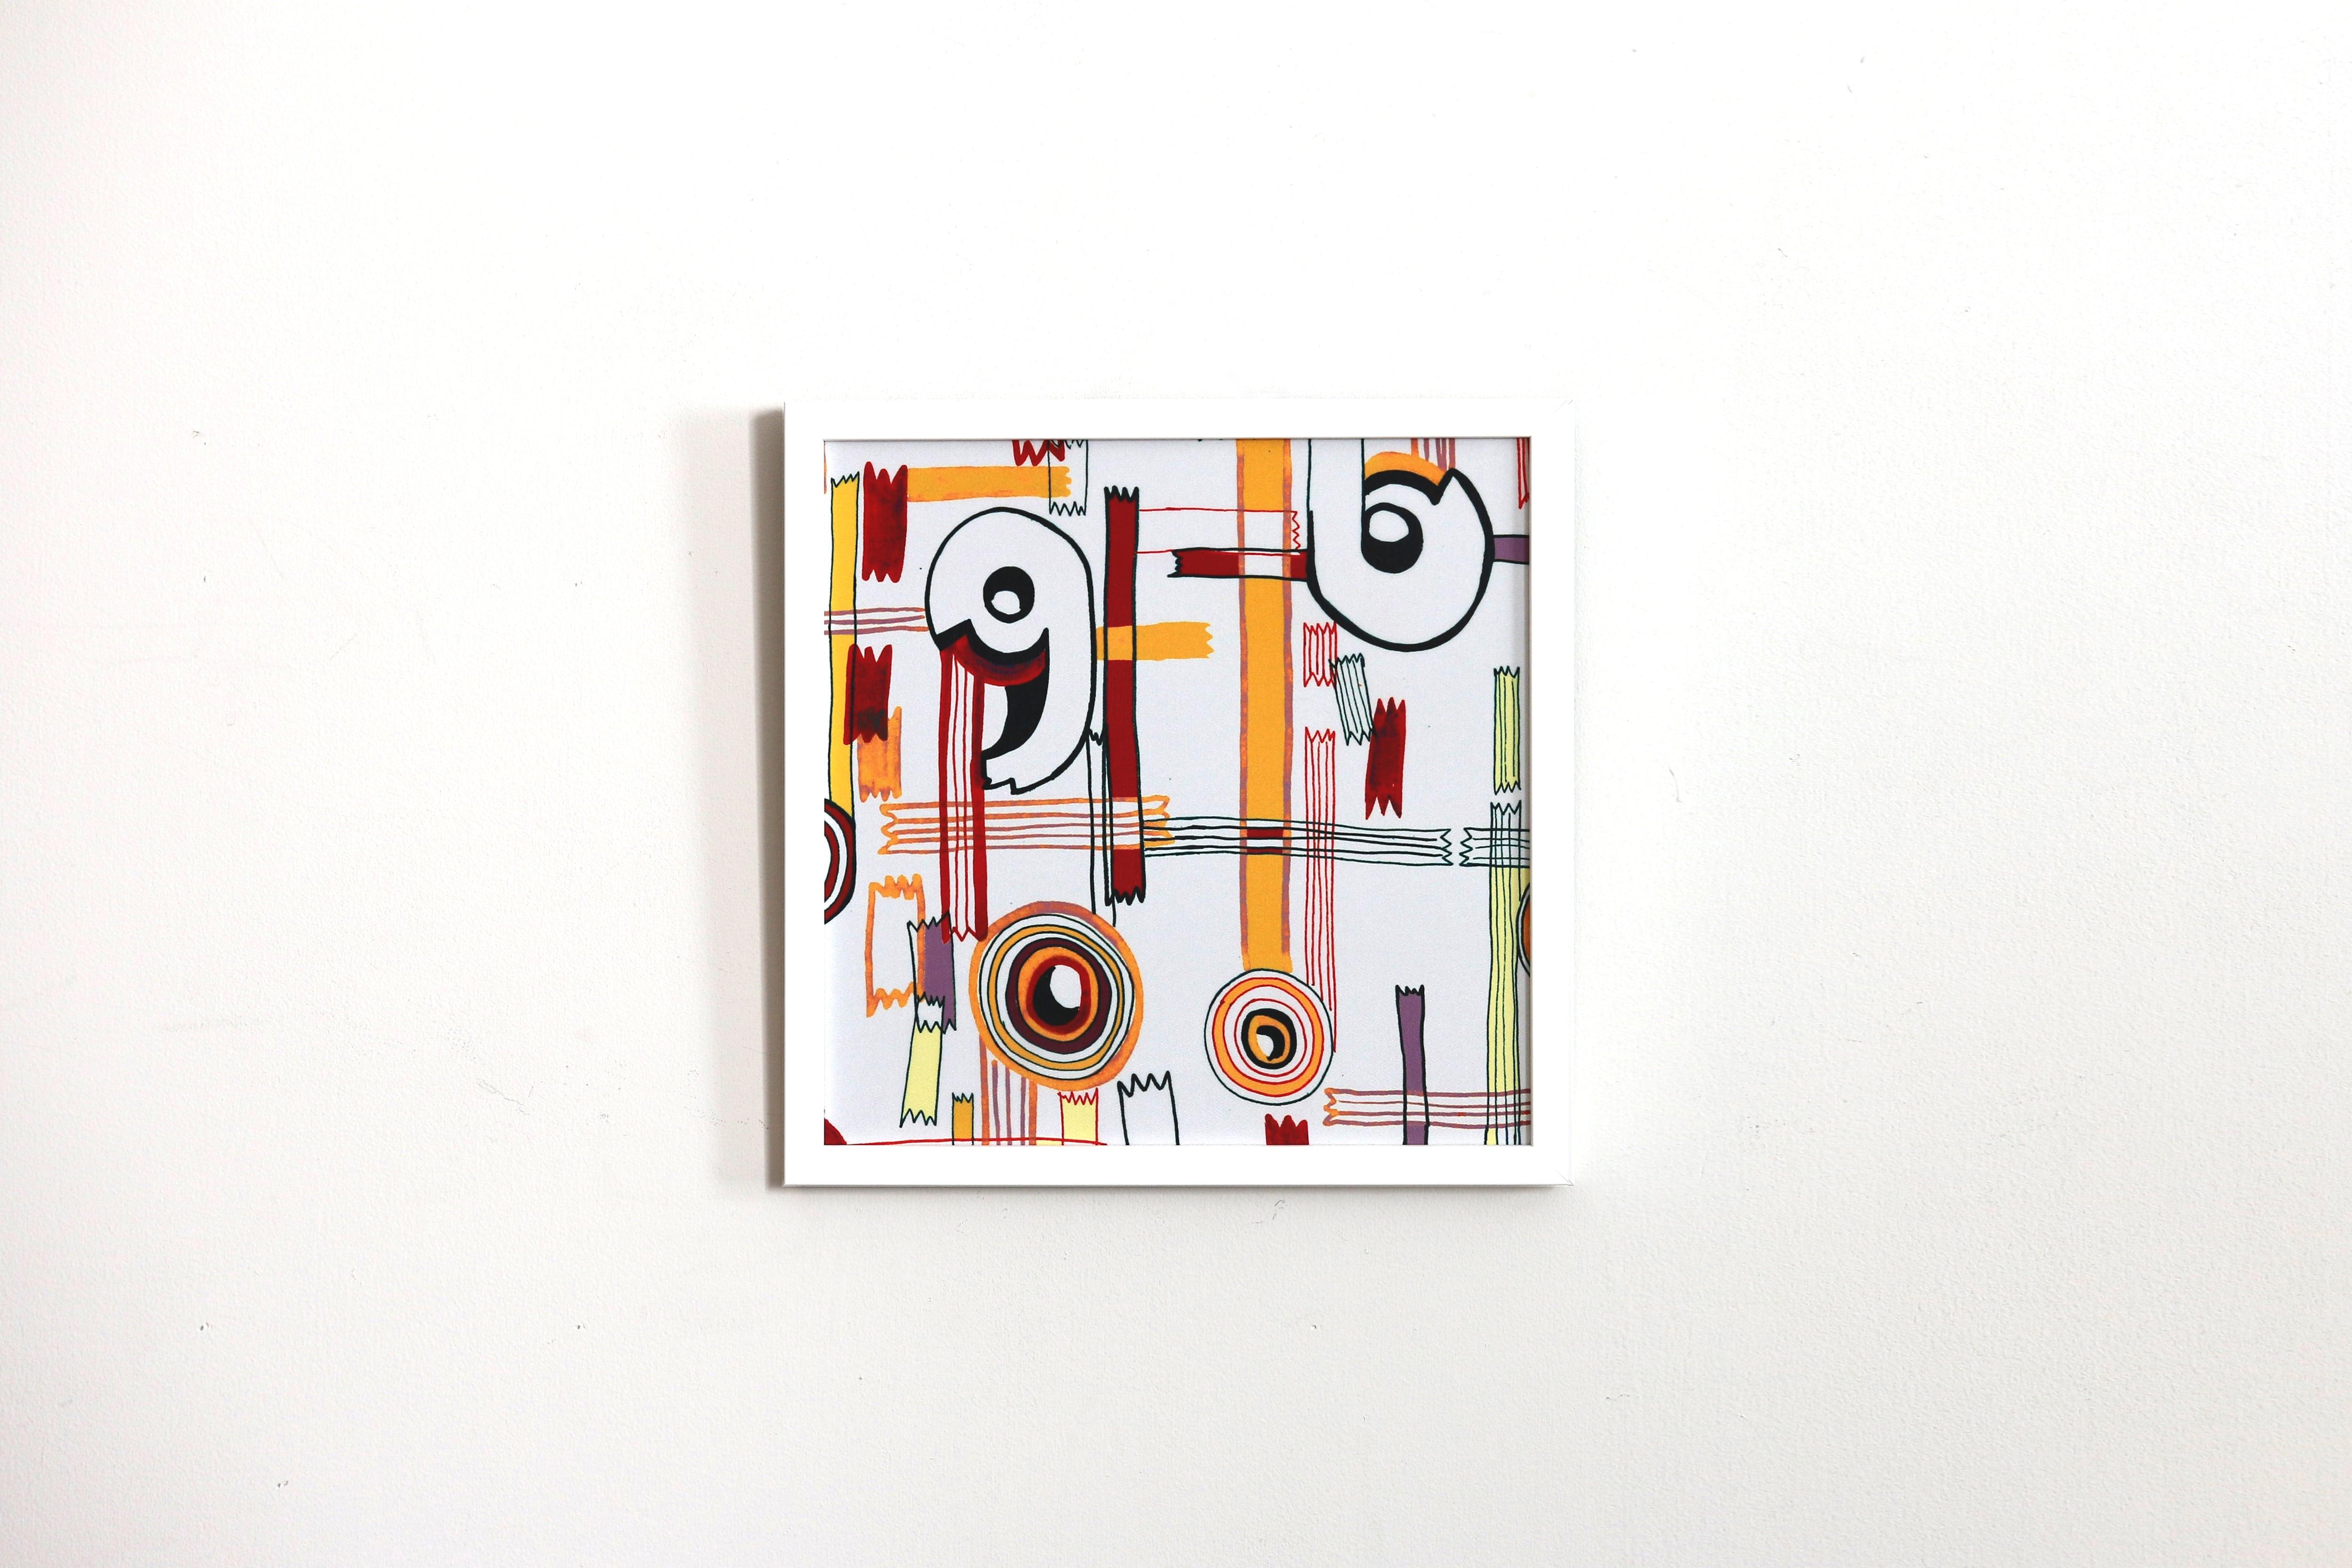 【アートフレーム】セロハンテープ -Hibi-